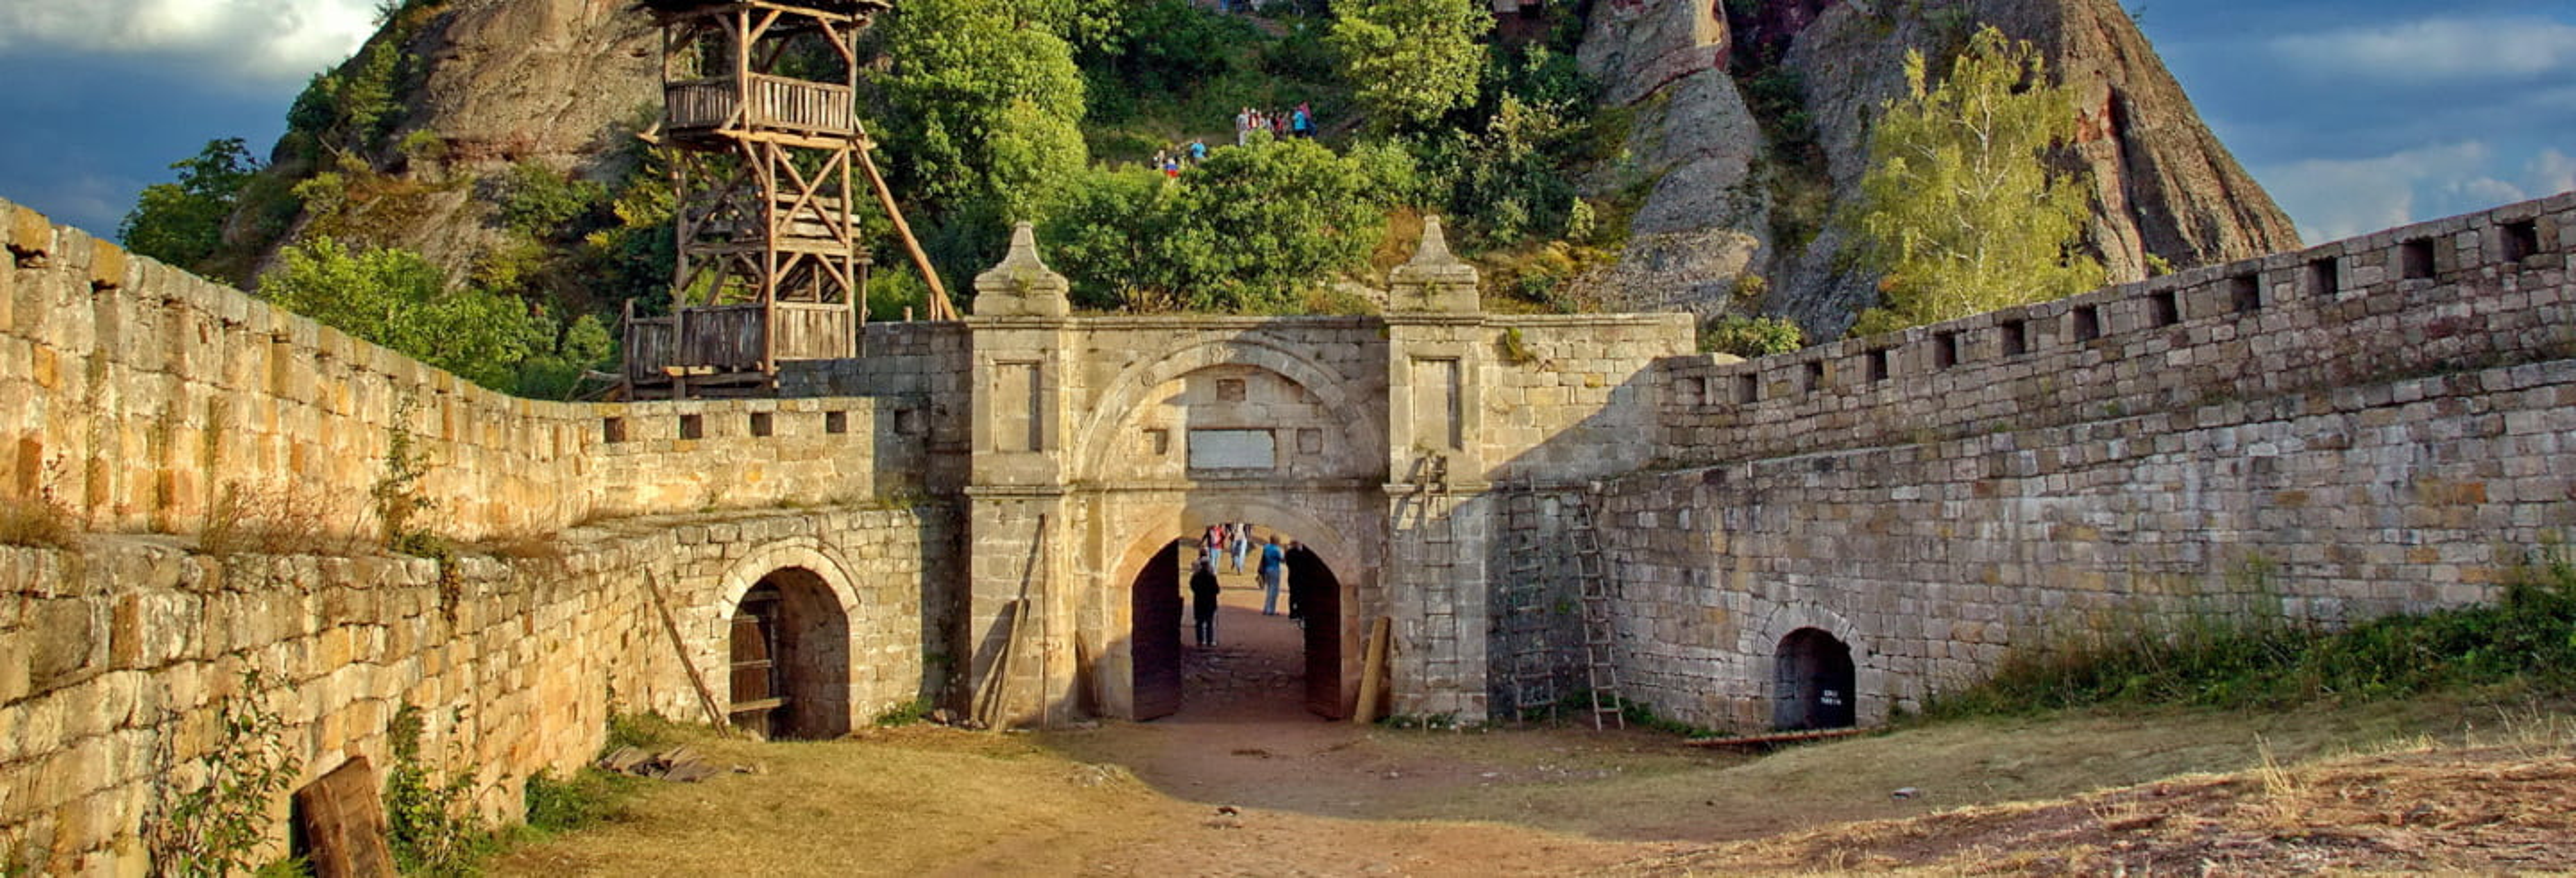 Excursión a las rocas de Belogradchik y su fortaleza